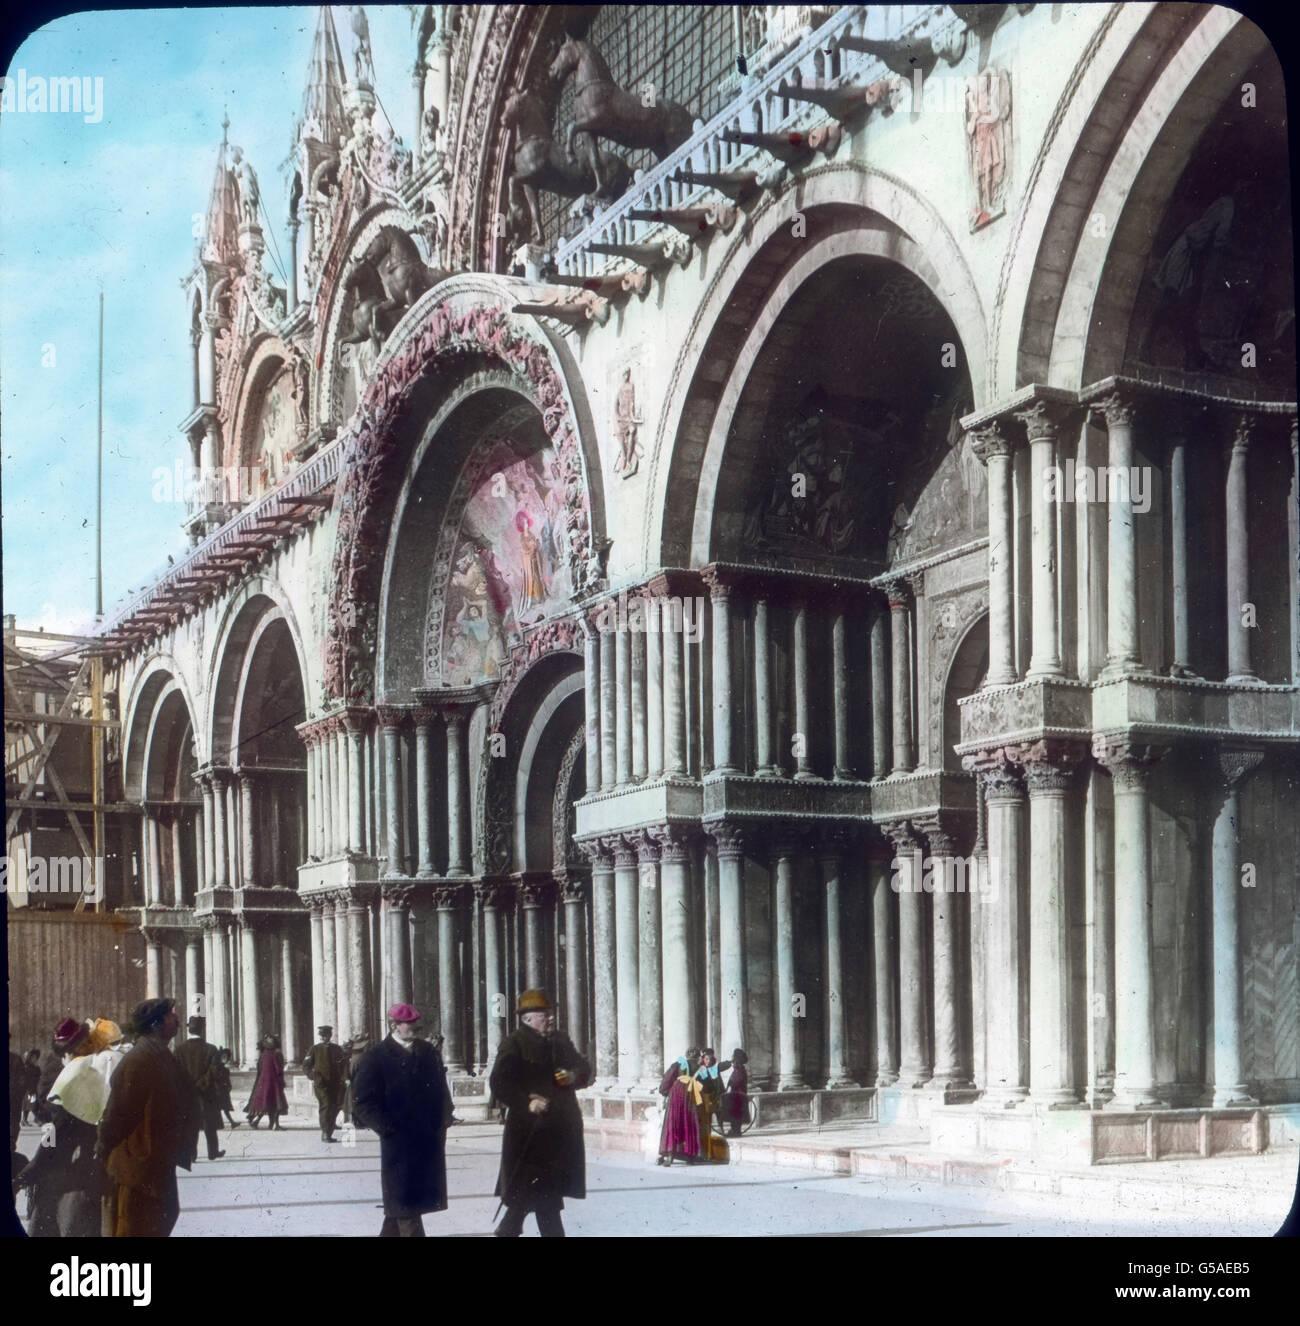 Reiche Säulenbündel tragen die Torbogen. Wir auch auf der oberen beachten Galerie die vier Rosse, die Imagen De Stock